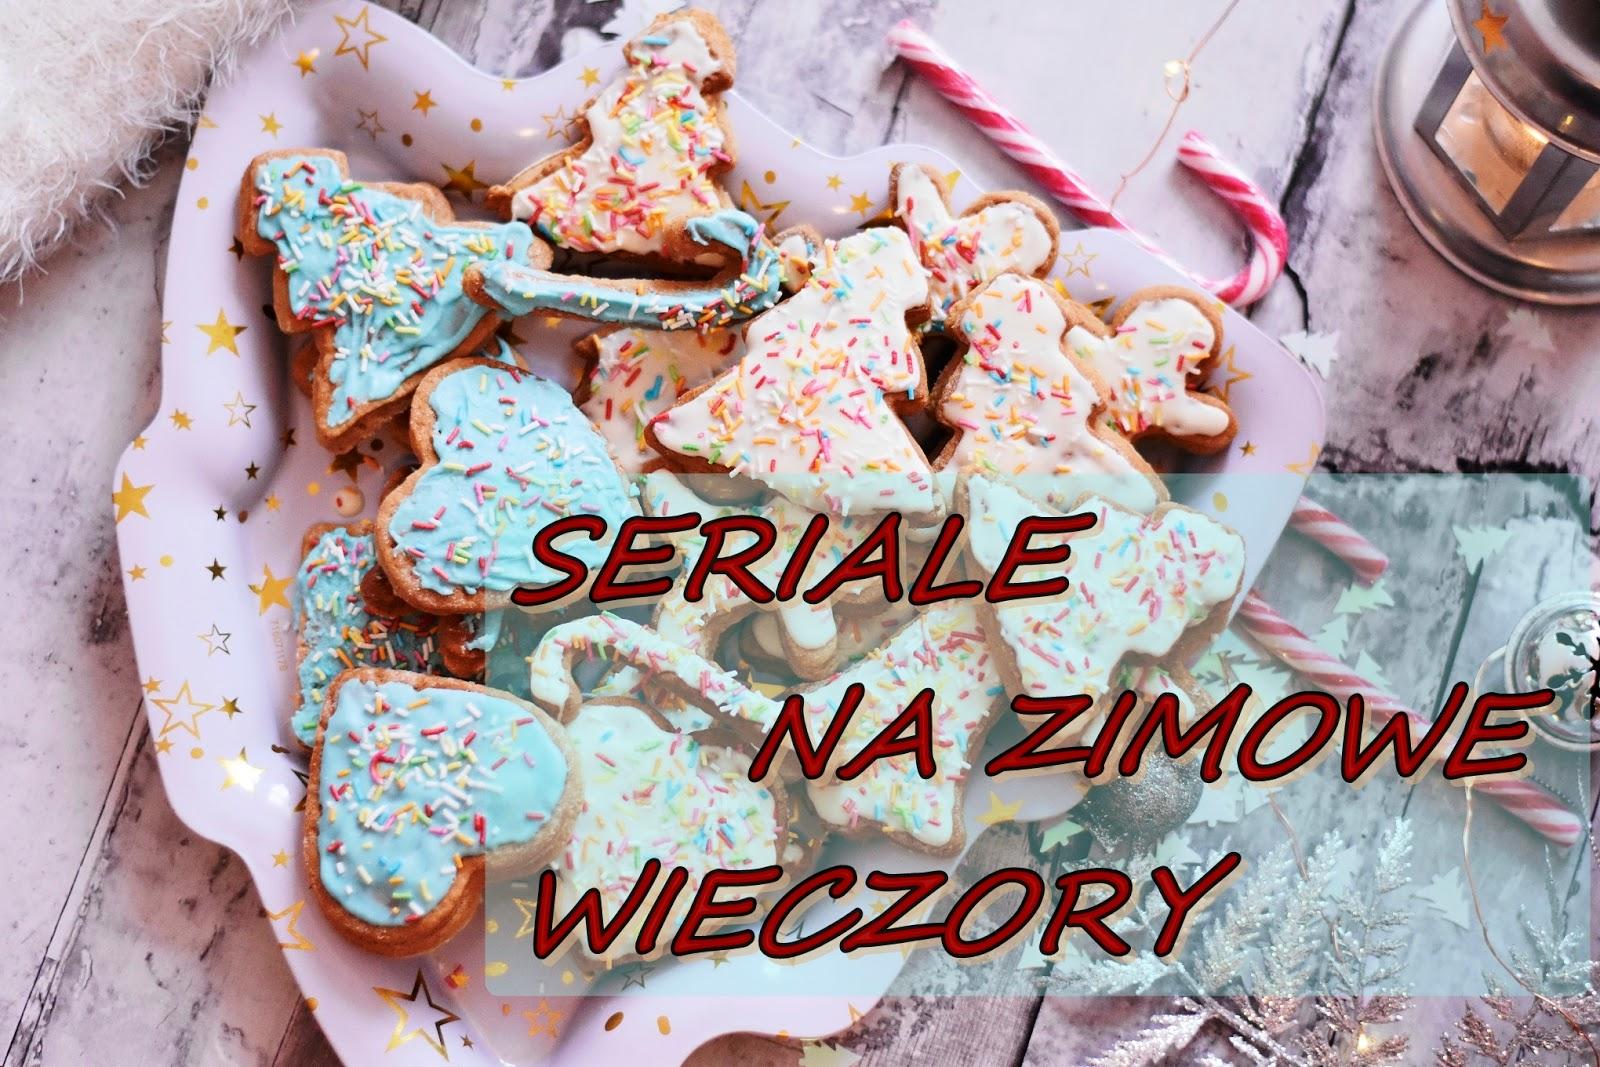 Seriale na zimę cz. II